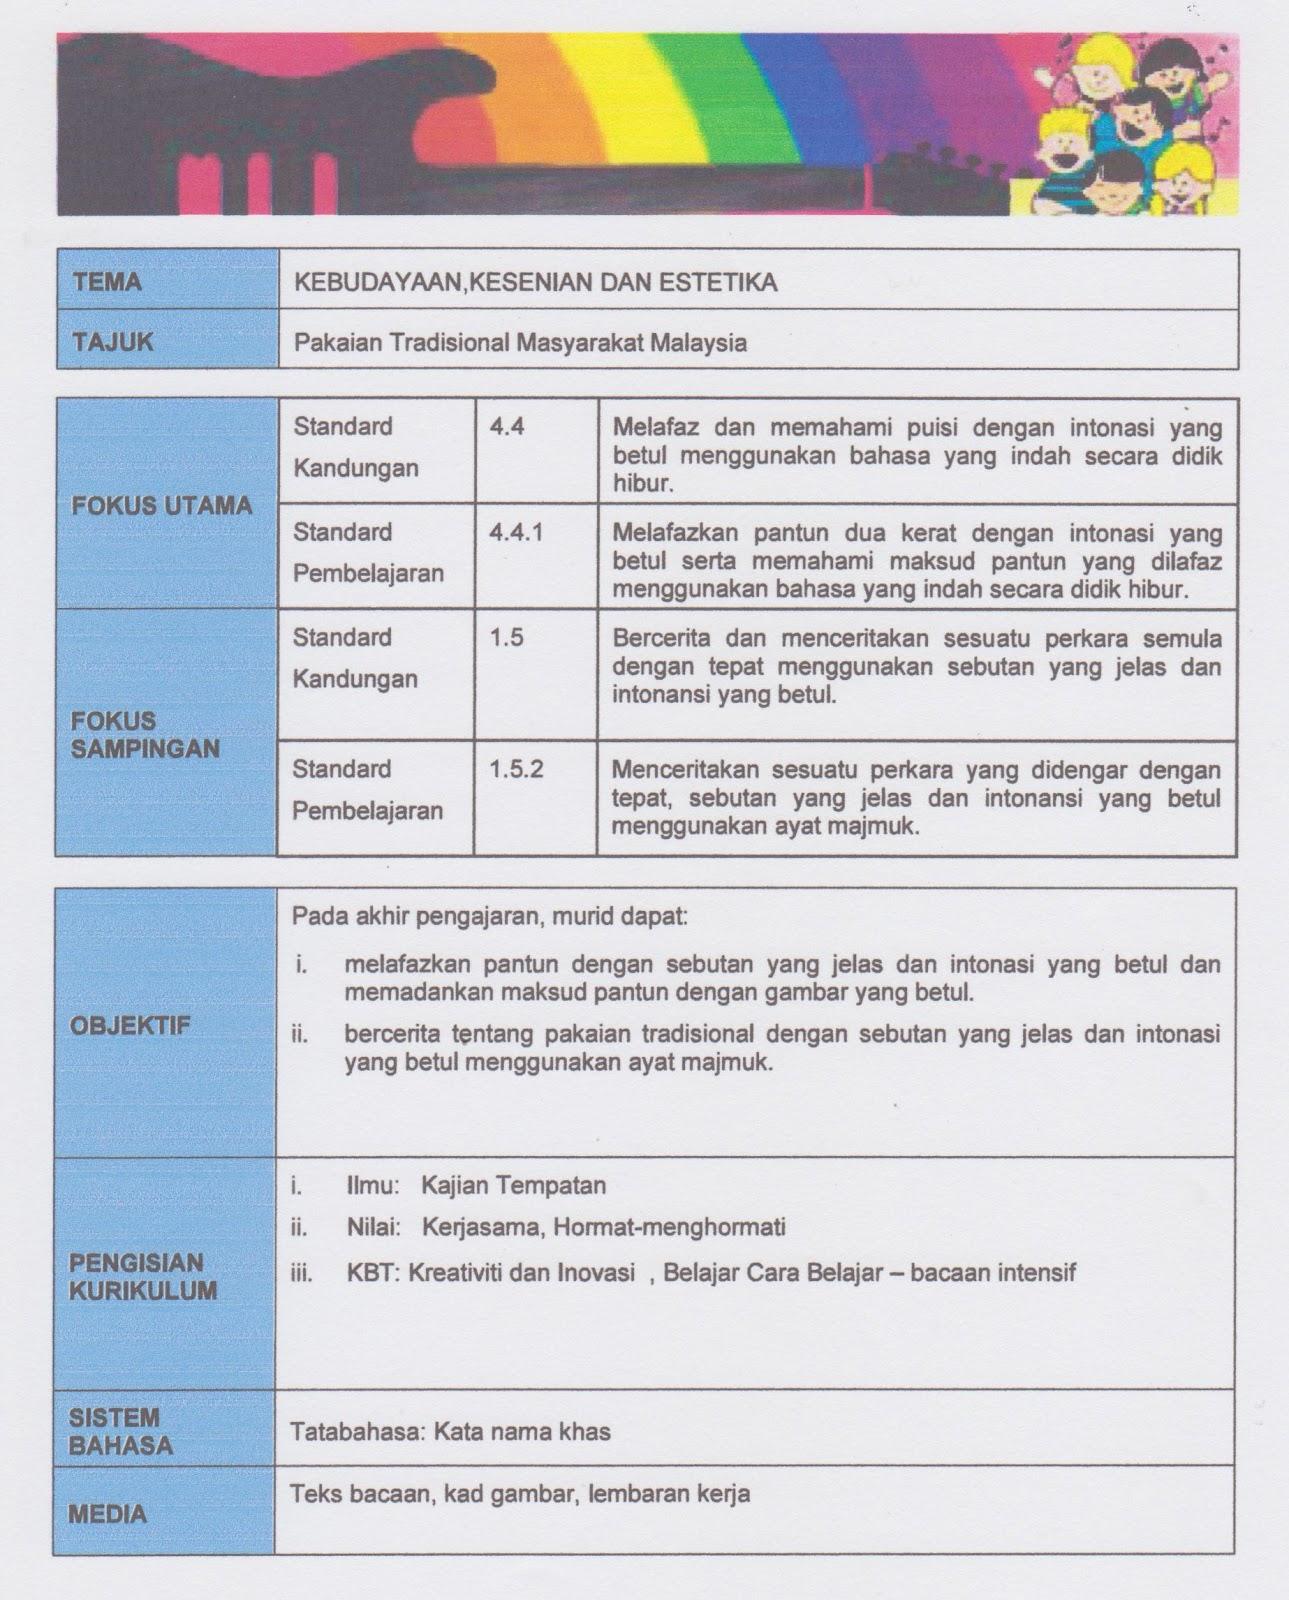 Kebudayaan Kesenian Dan Estetika November 2012